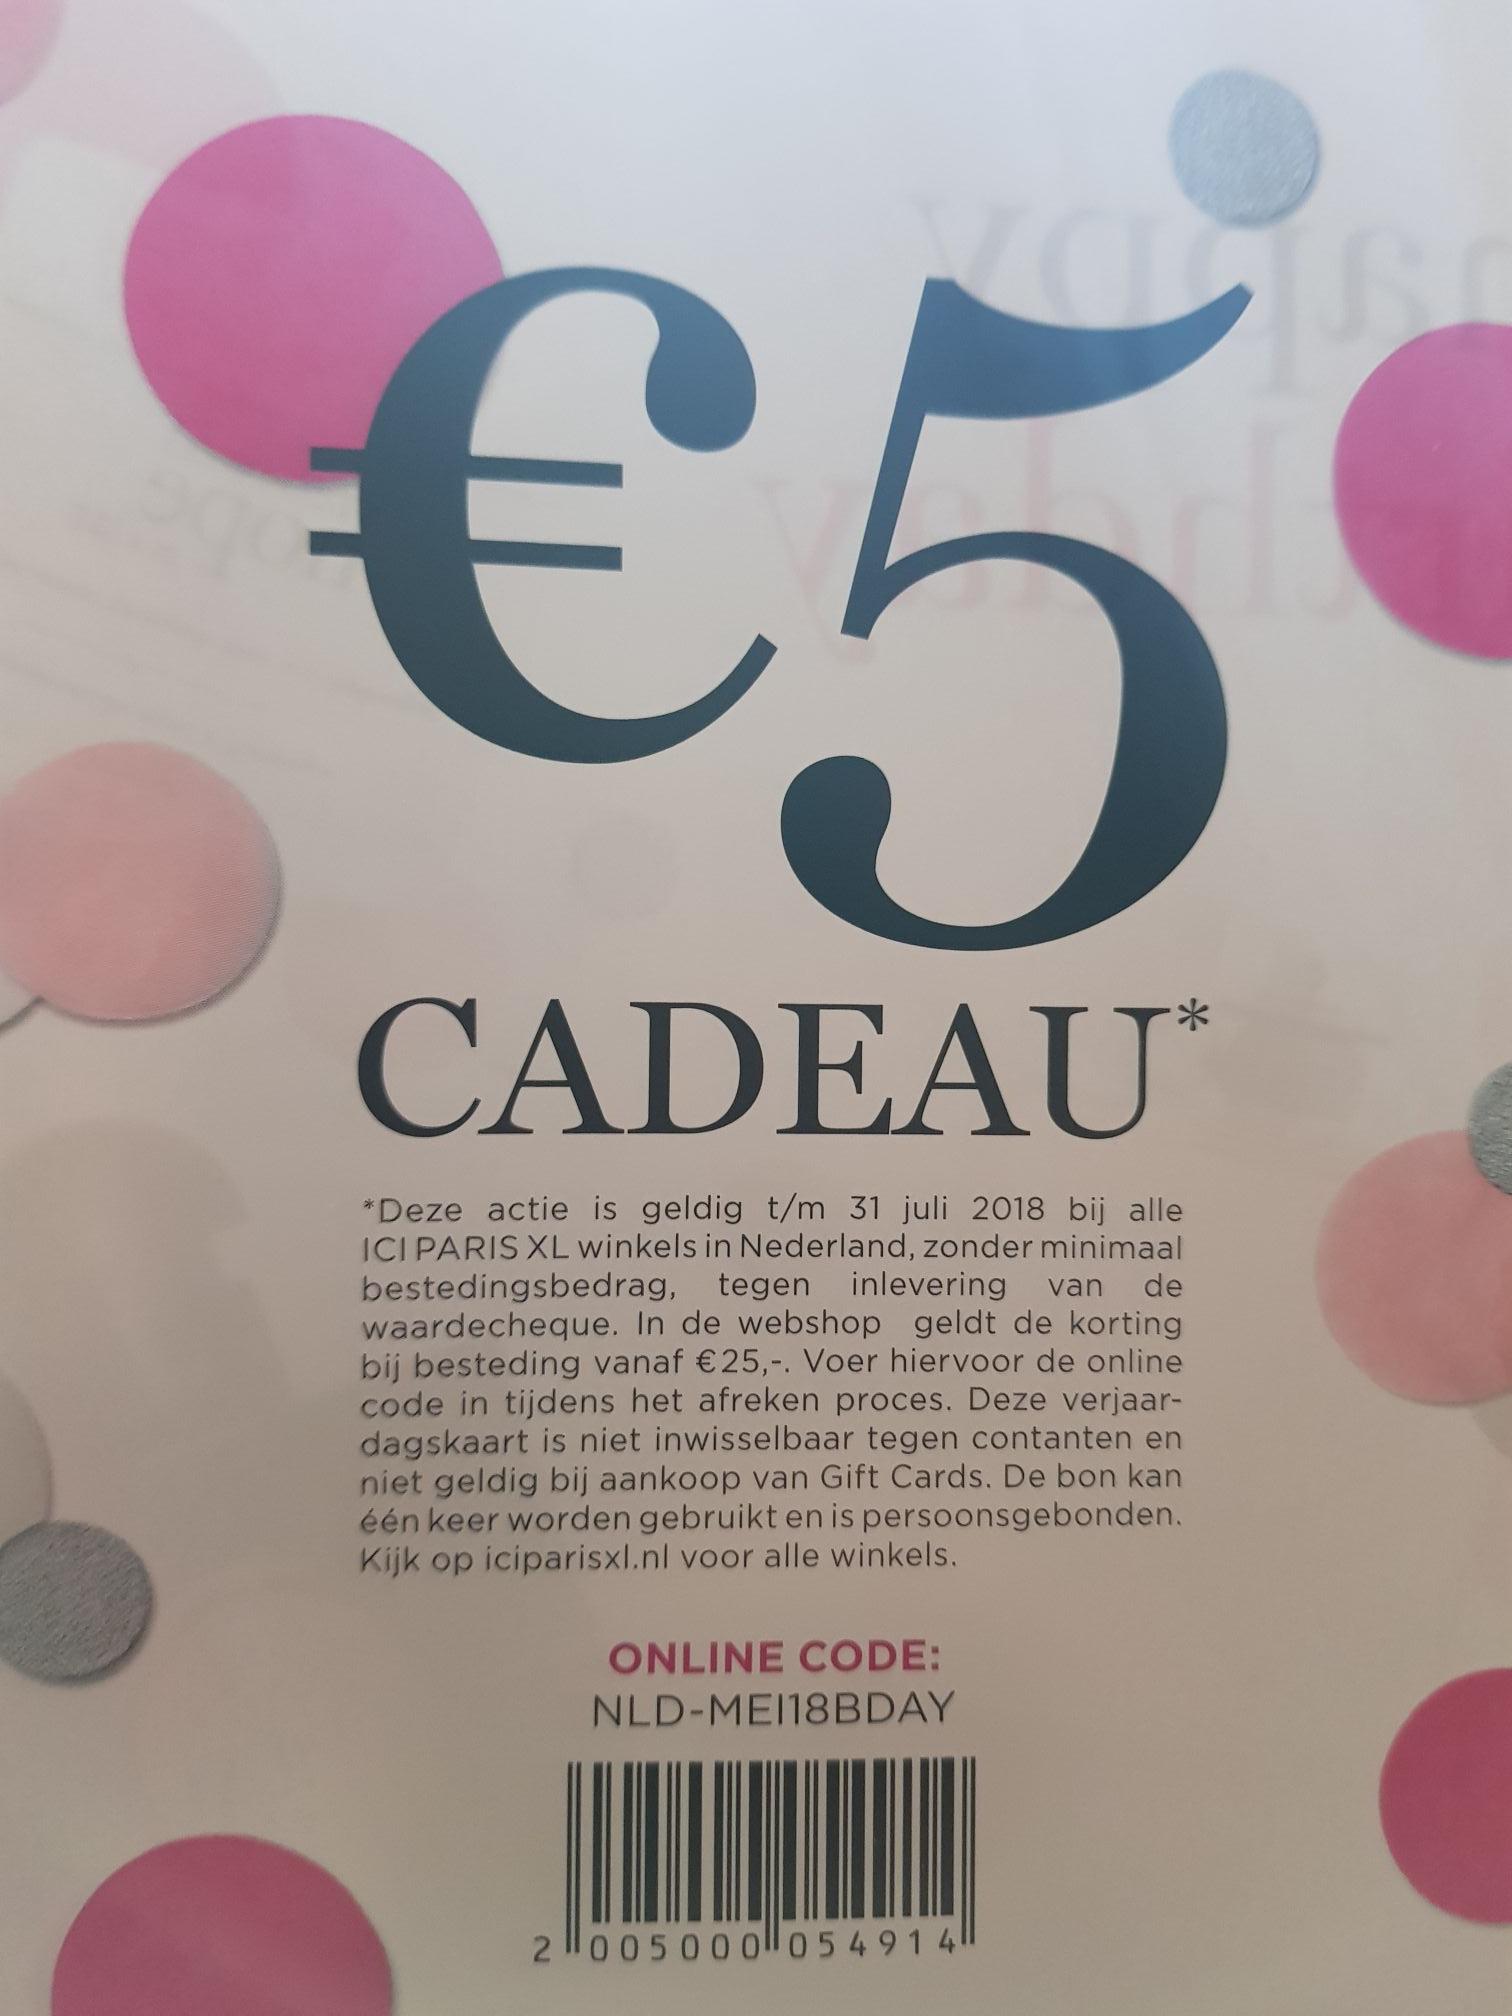 5 euro korting bij ICI Paris XL